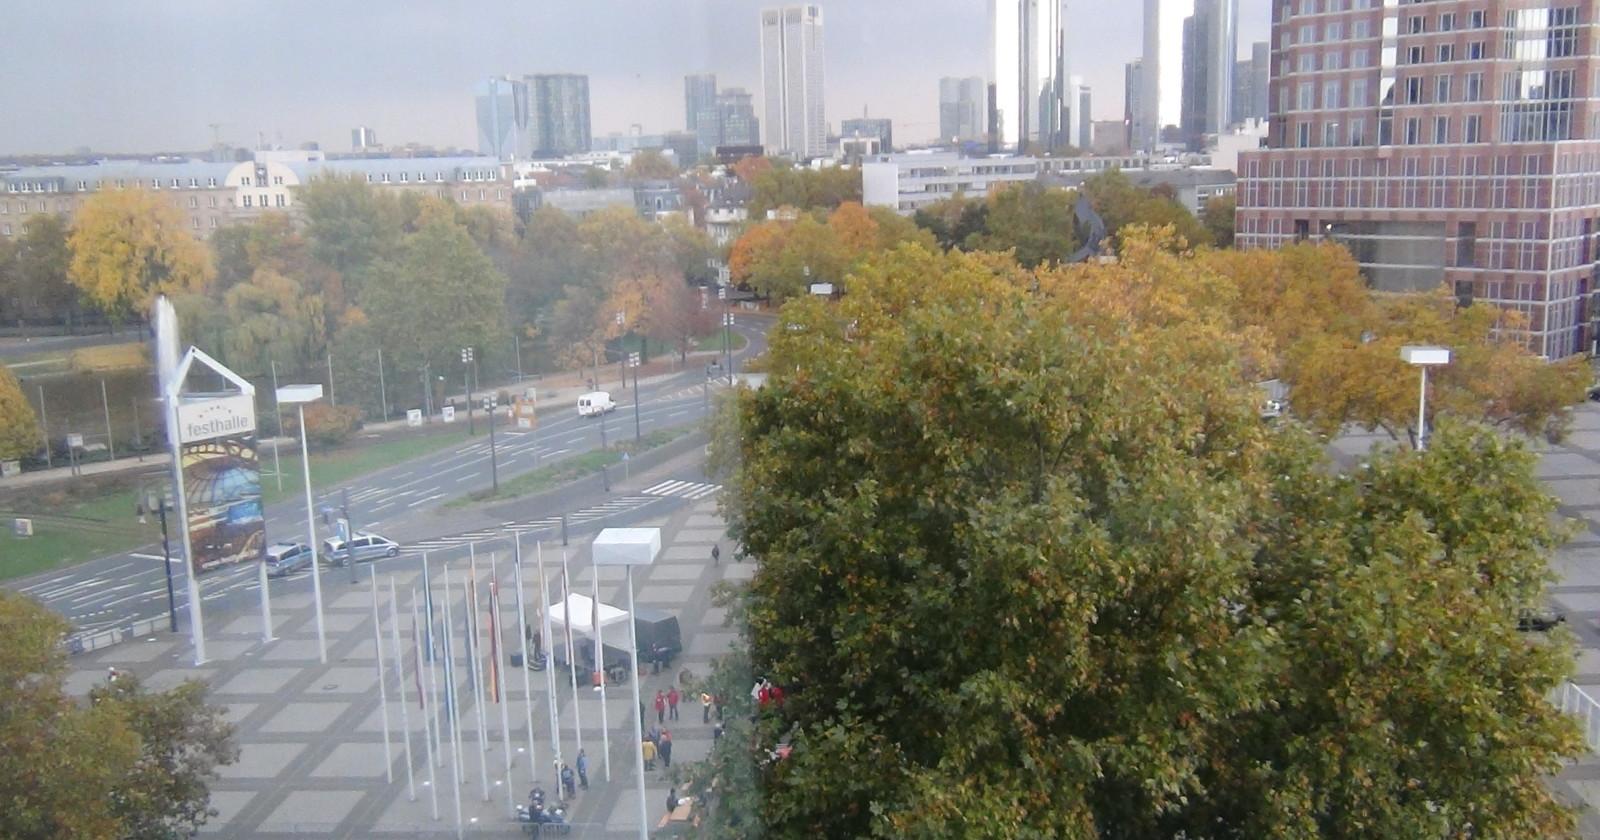 +++ Frankfurt live 14: 55 Uhr - Kundgebung ist nun vorbei +++